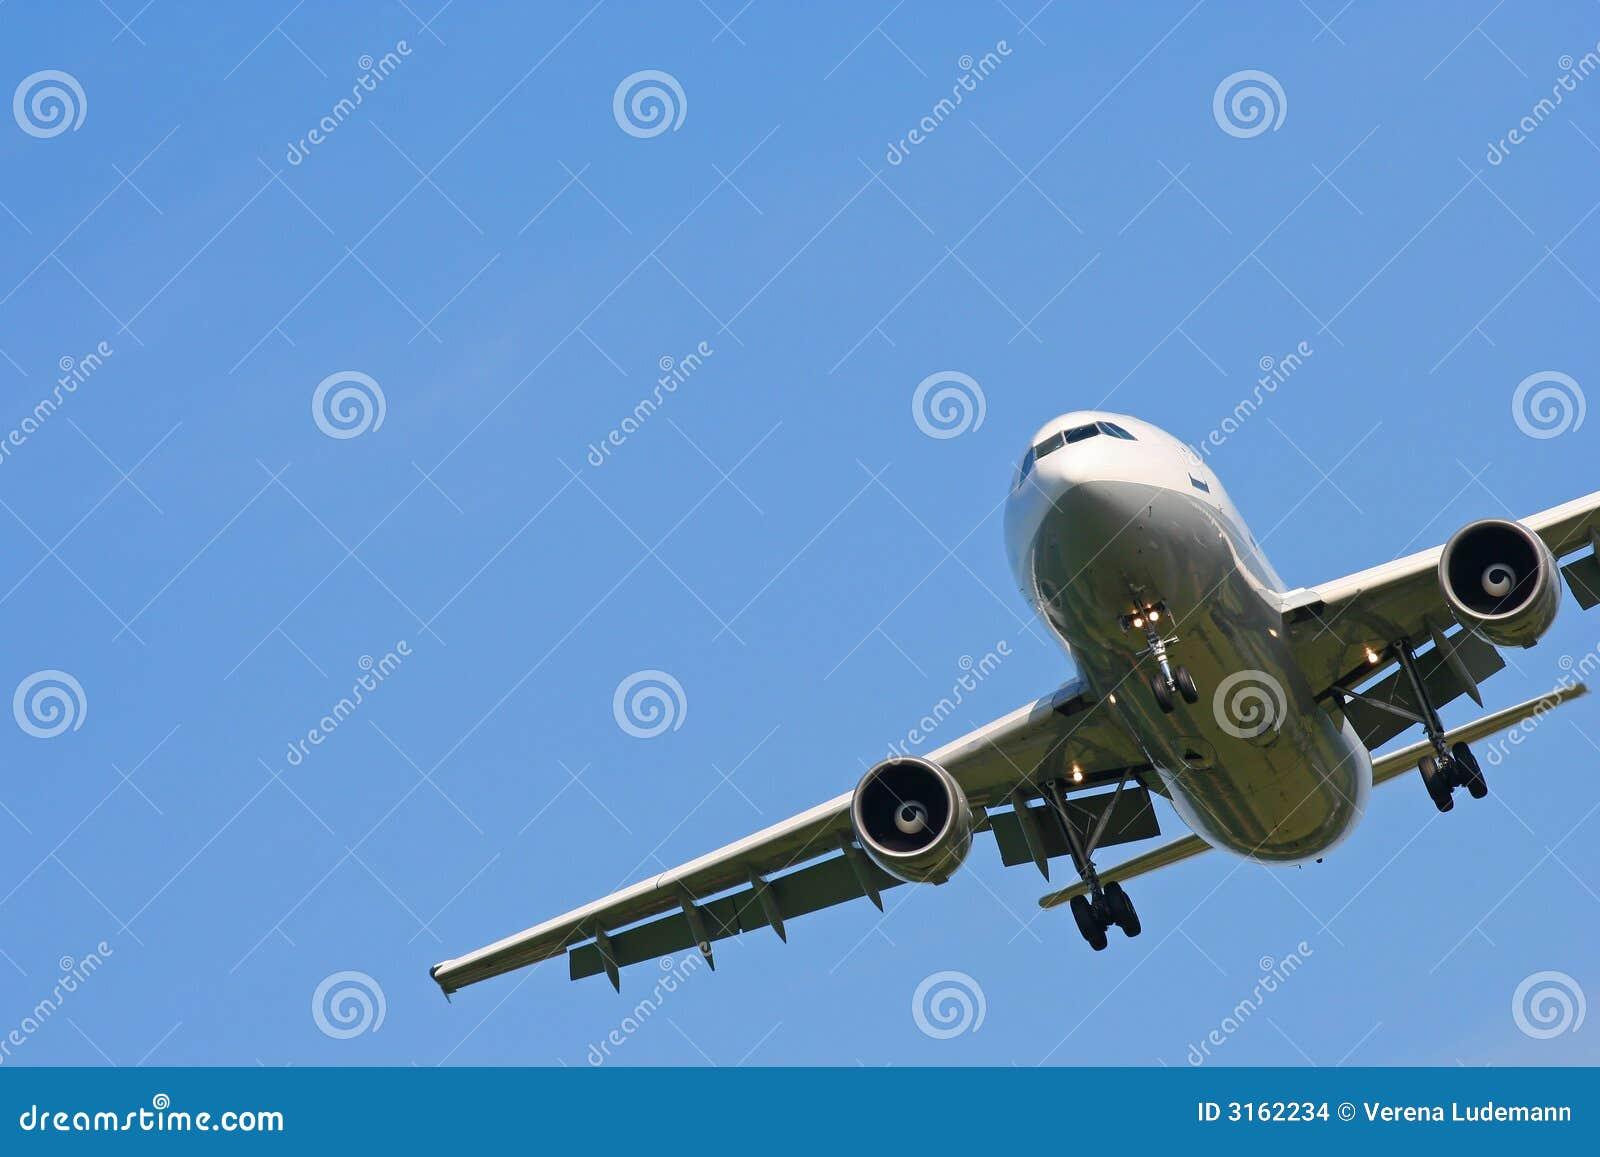 Vliegtuig op blauwe hemel